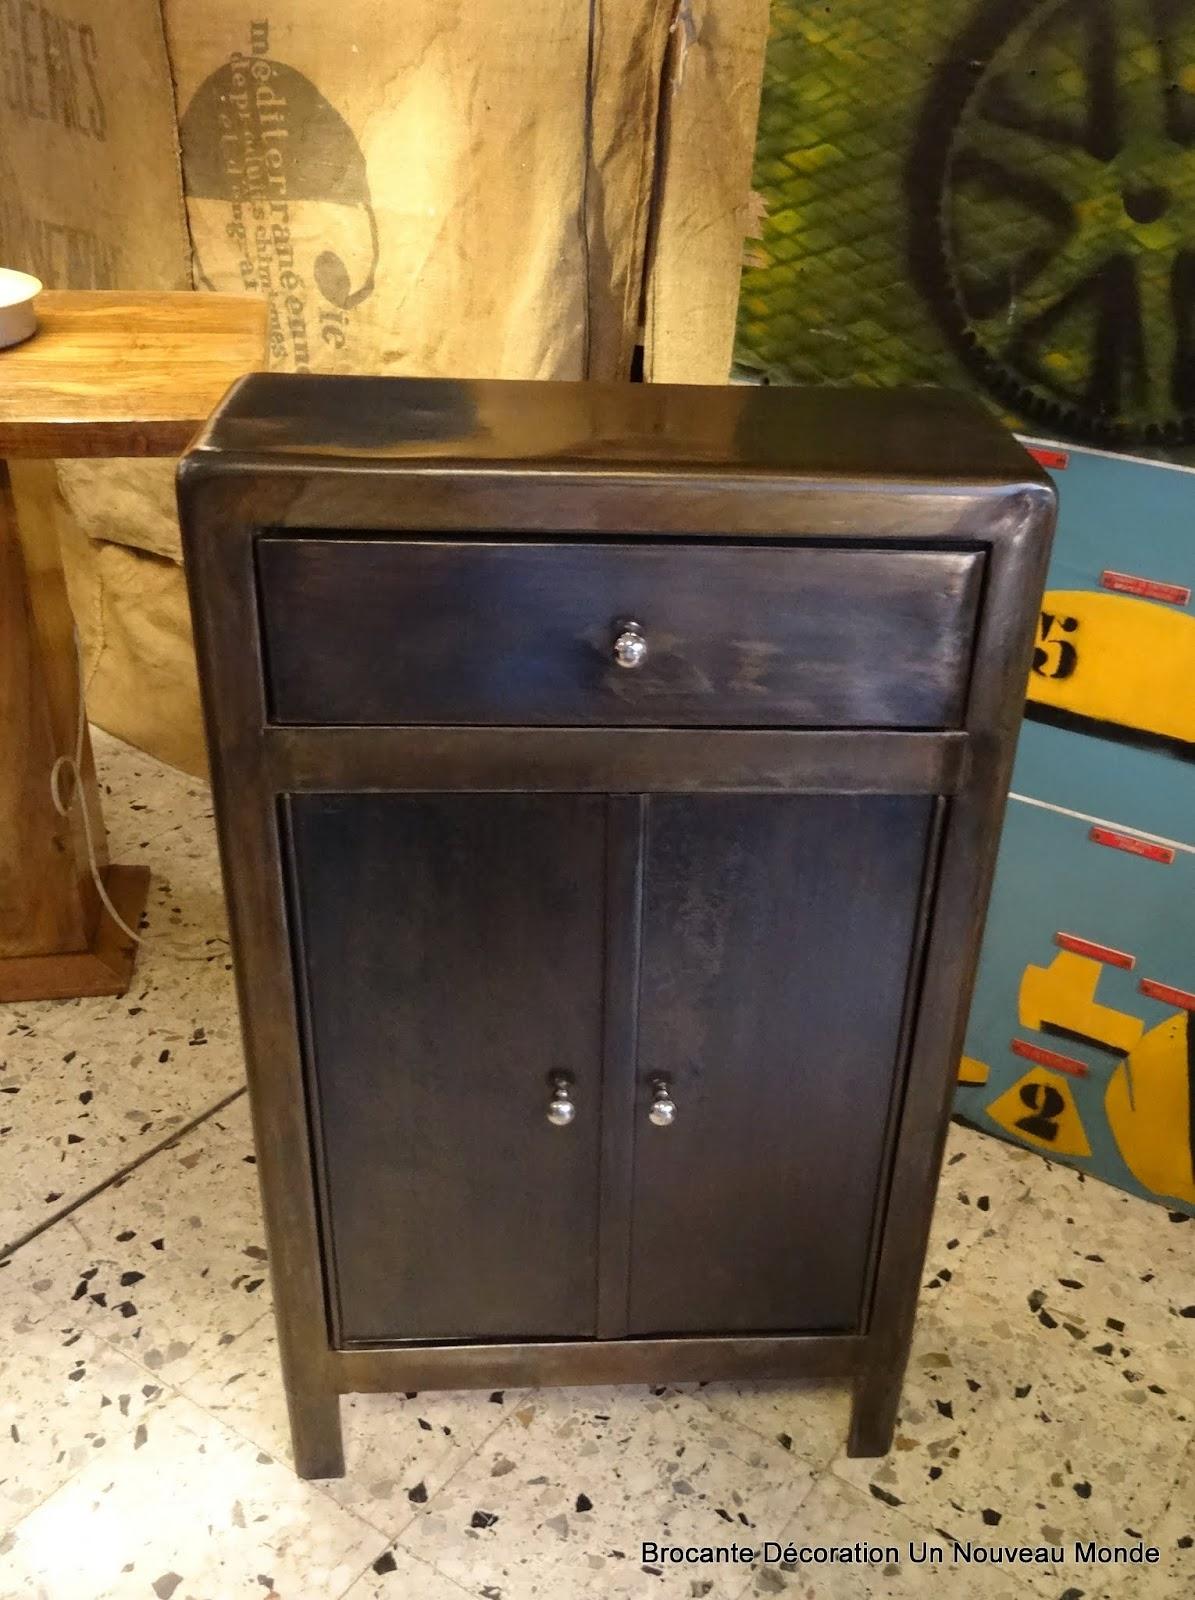 Brocante d coration un nouveau monde petit meuble d - Petit meuble d appoint salon ...